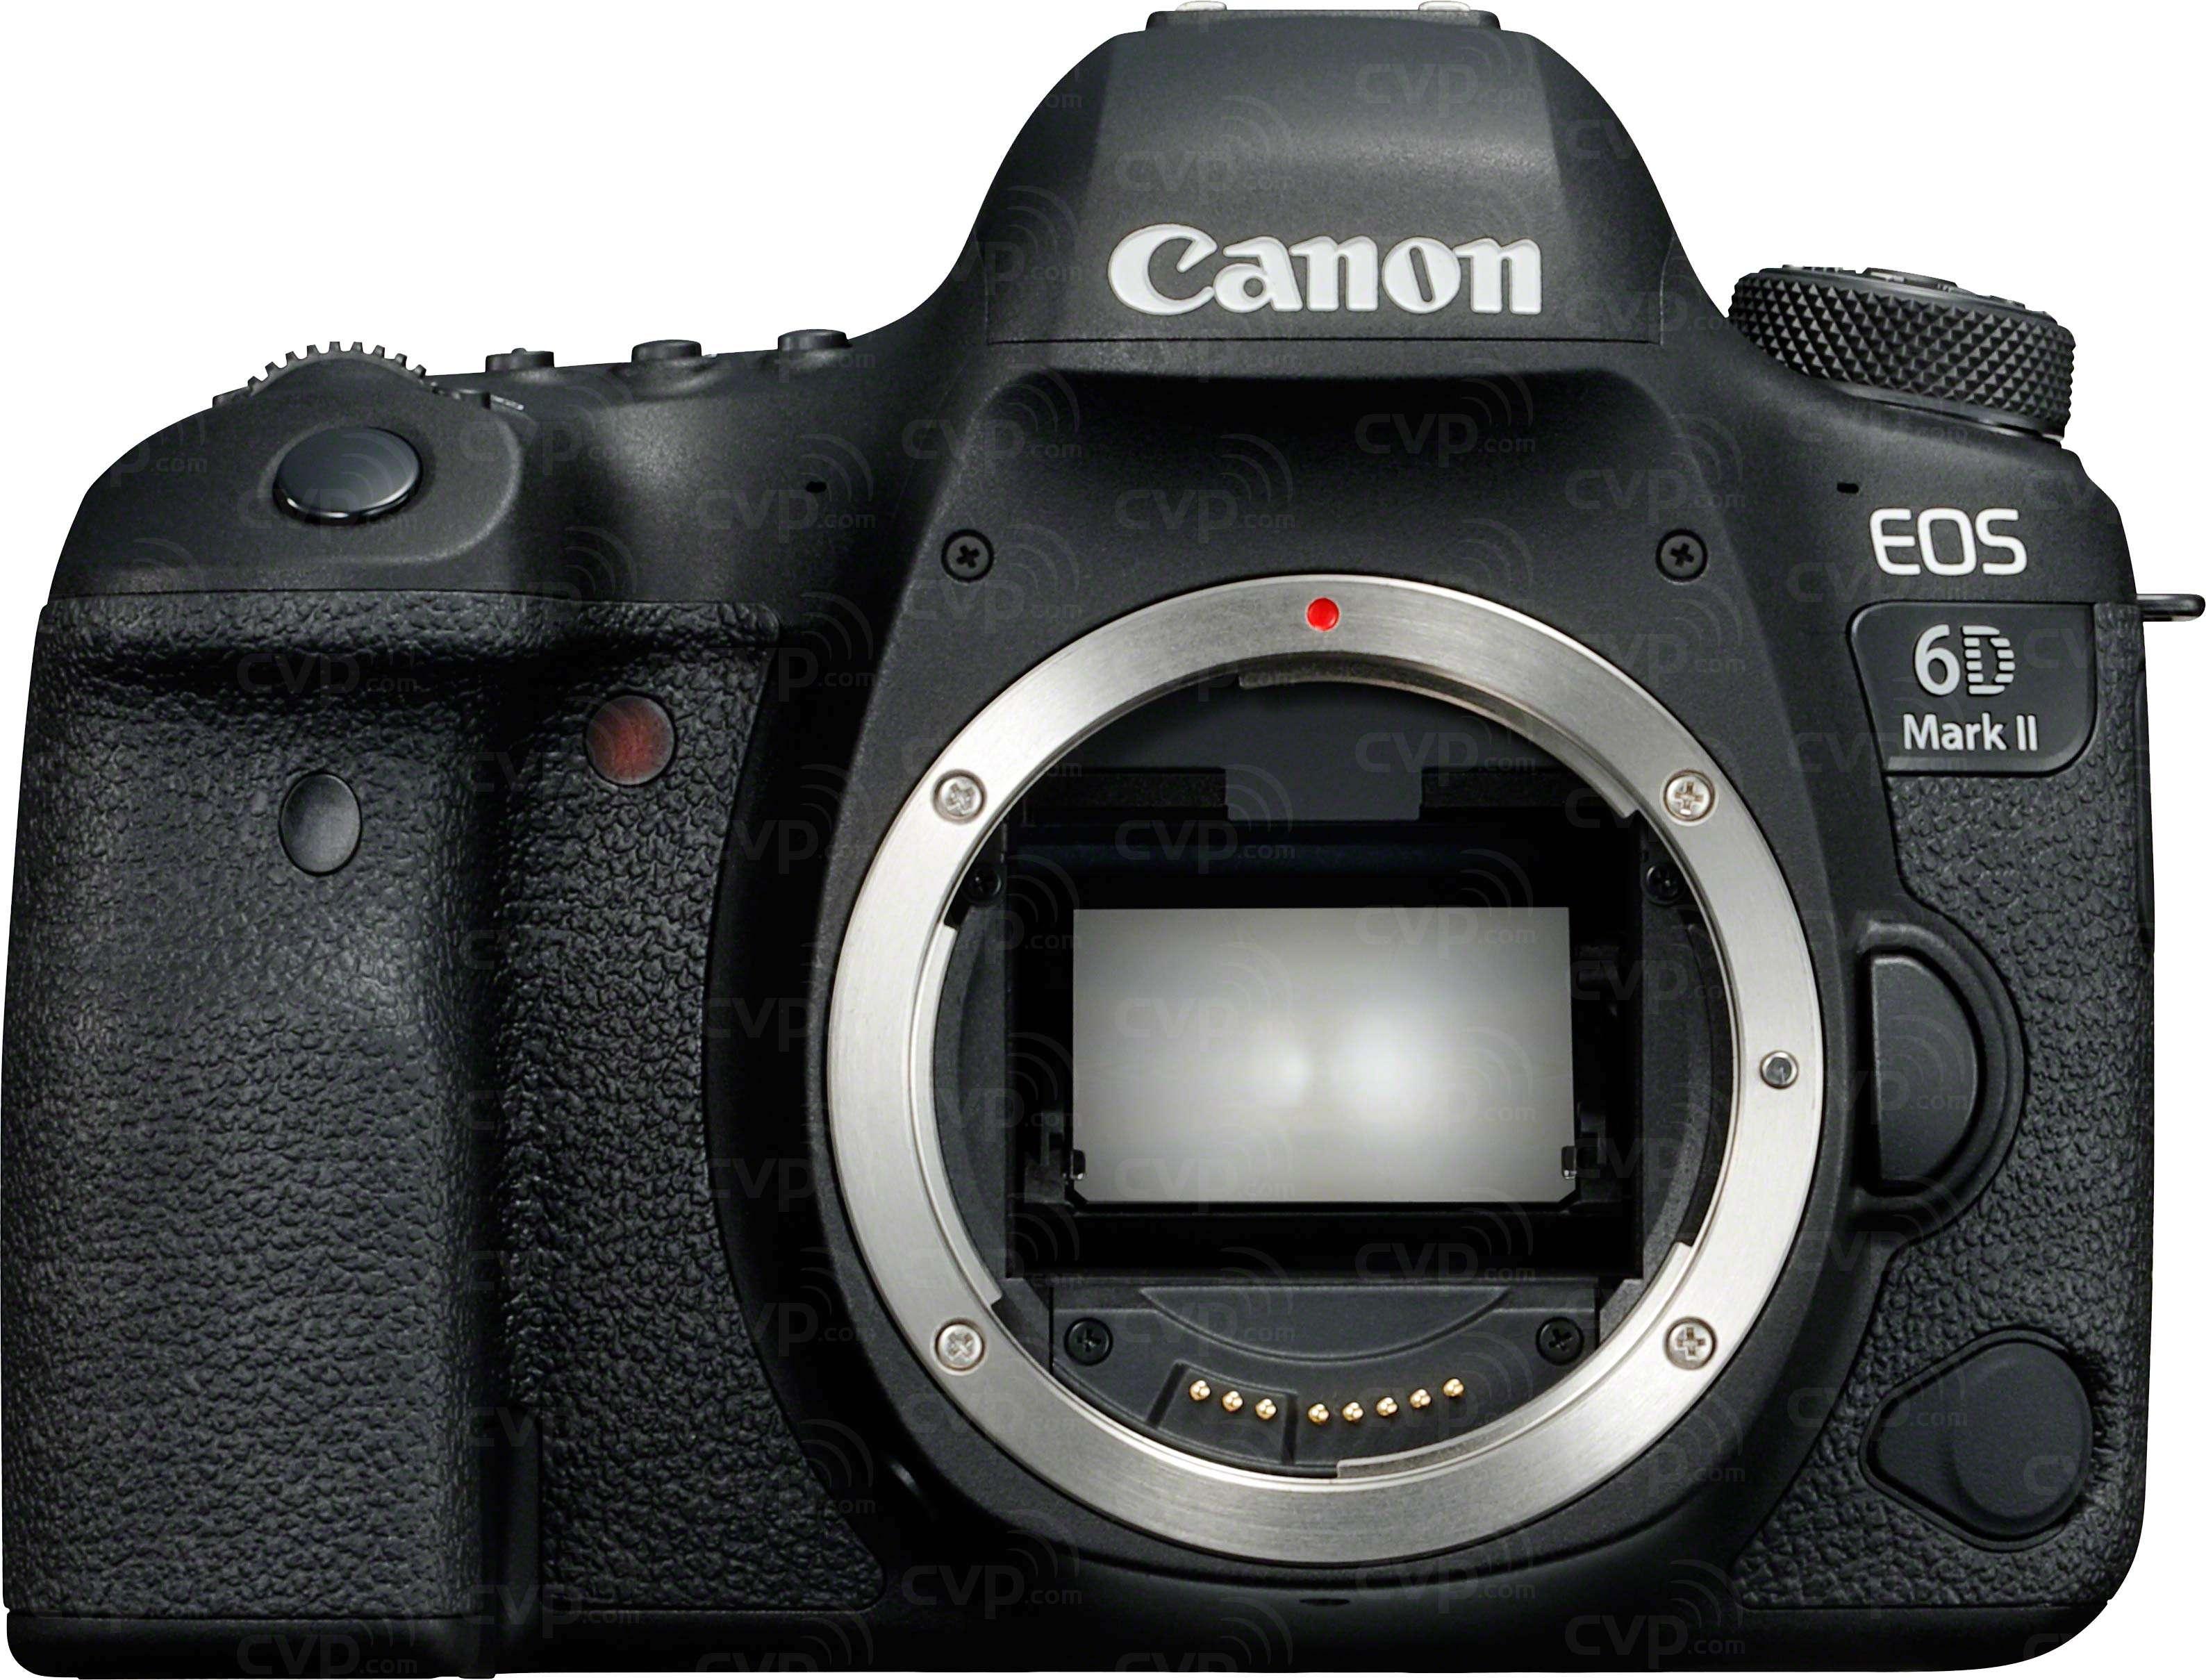 Buy - Canon EOS 6D Mark II 26.2 Megapixel Full Frame Digital SLR ...